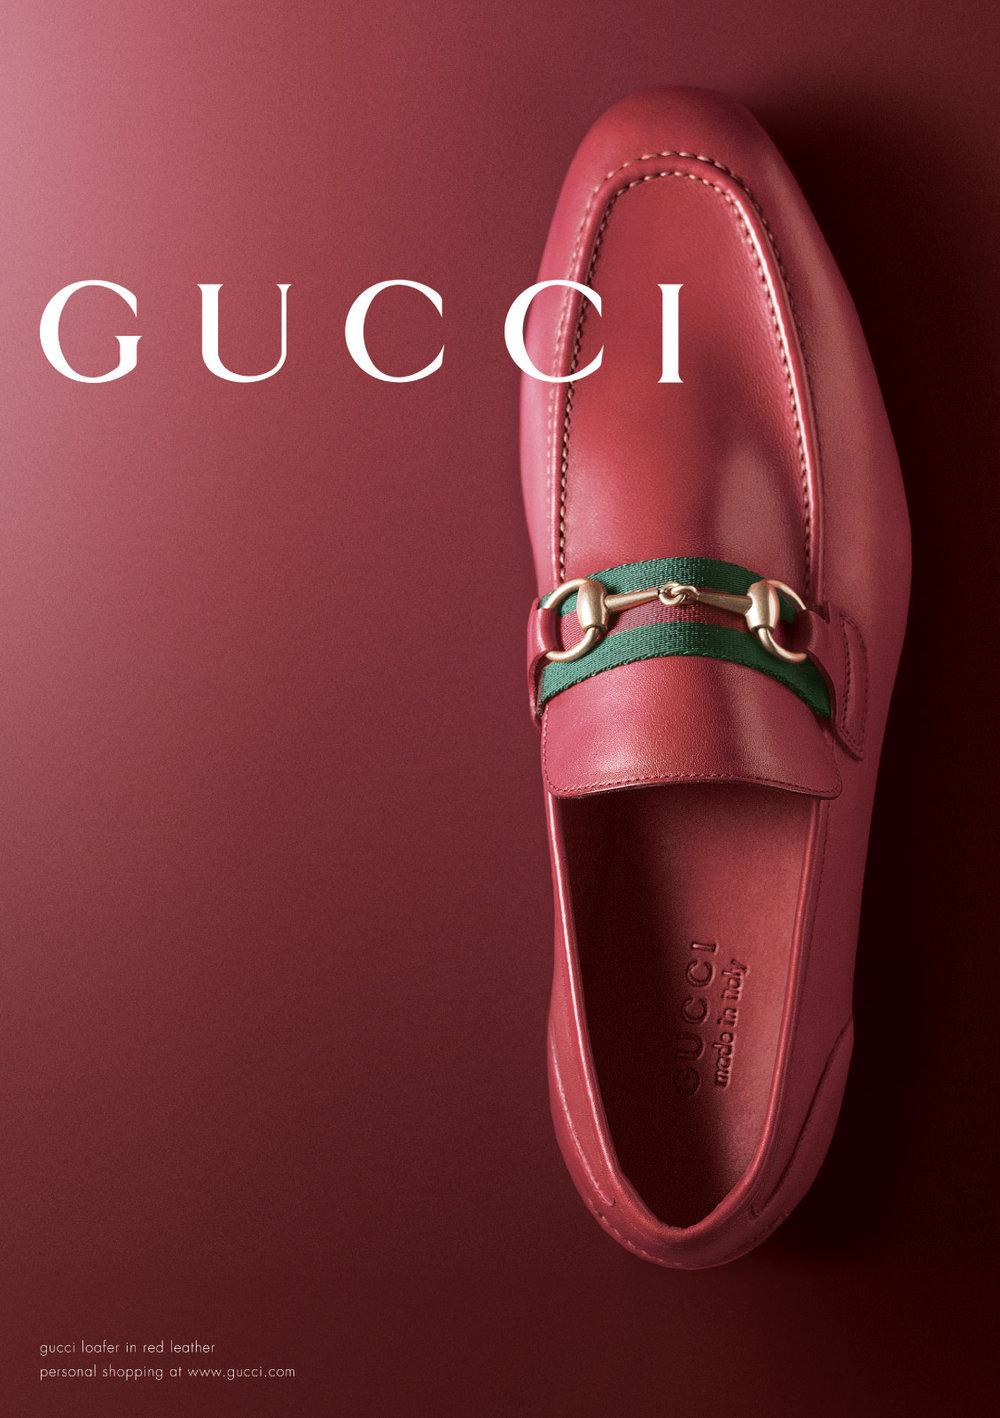 Gucci-Portfolio-Images-40.jpg